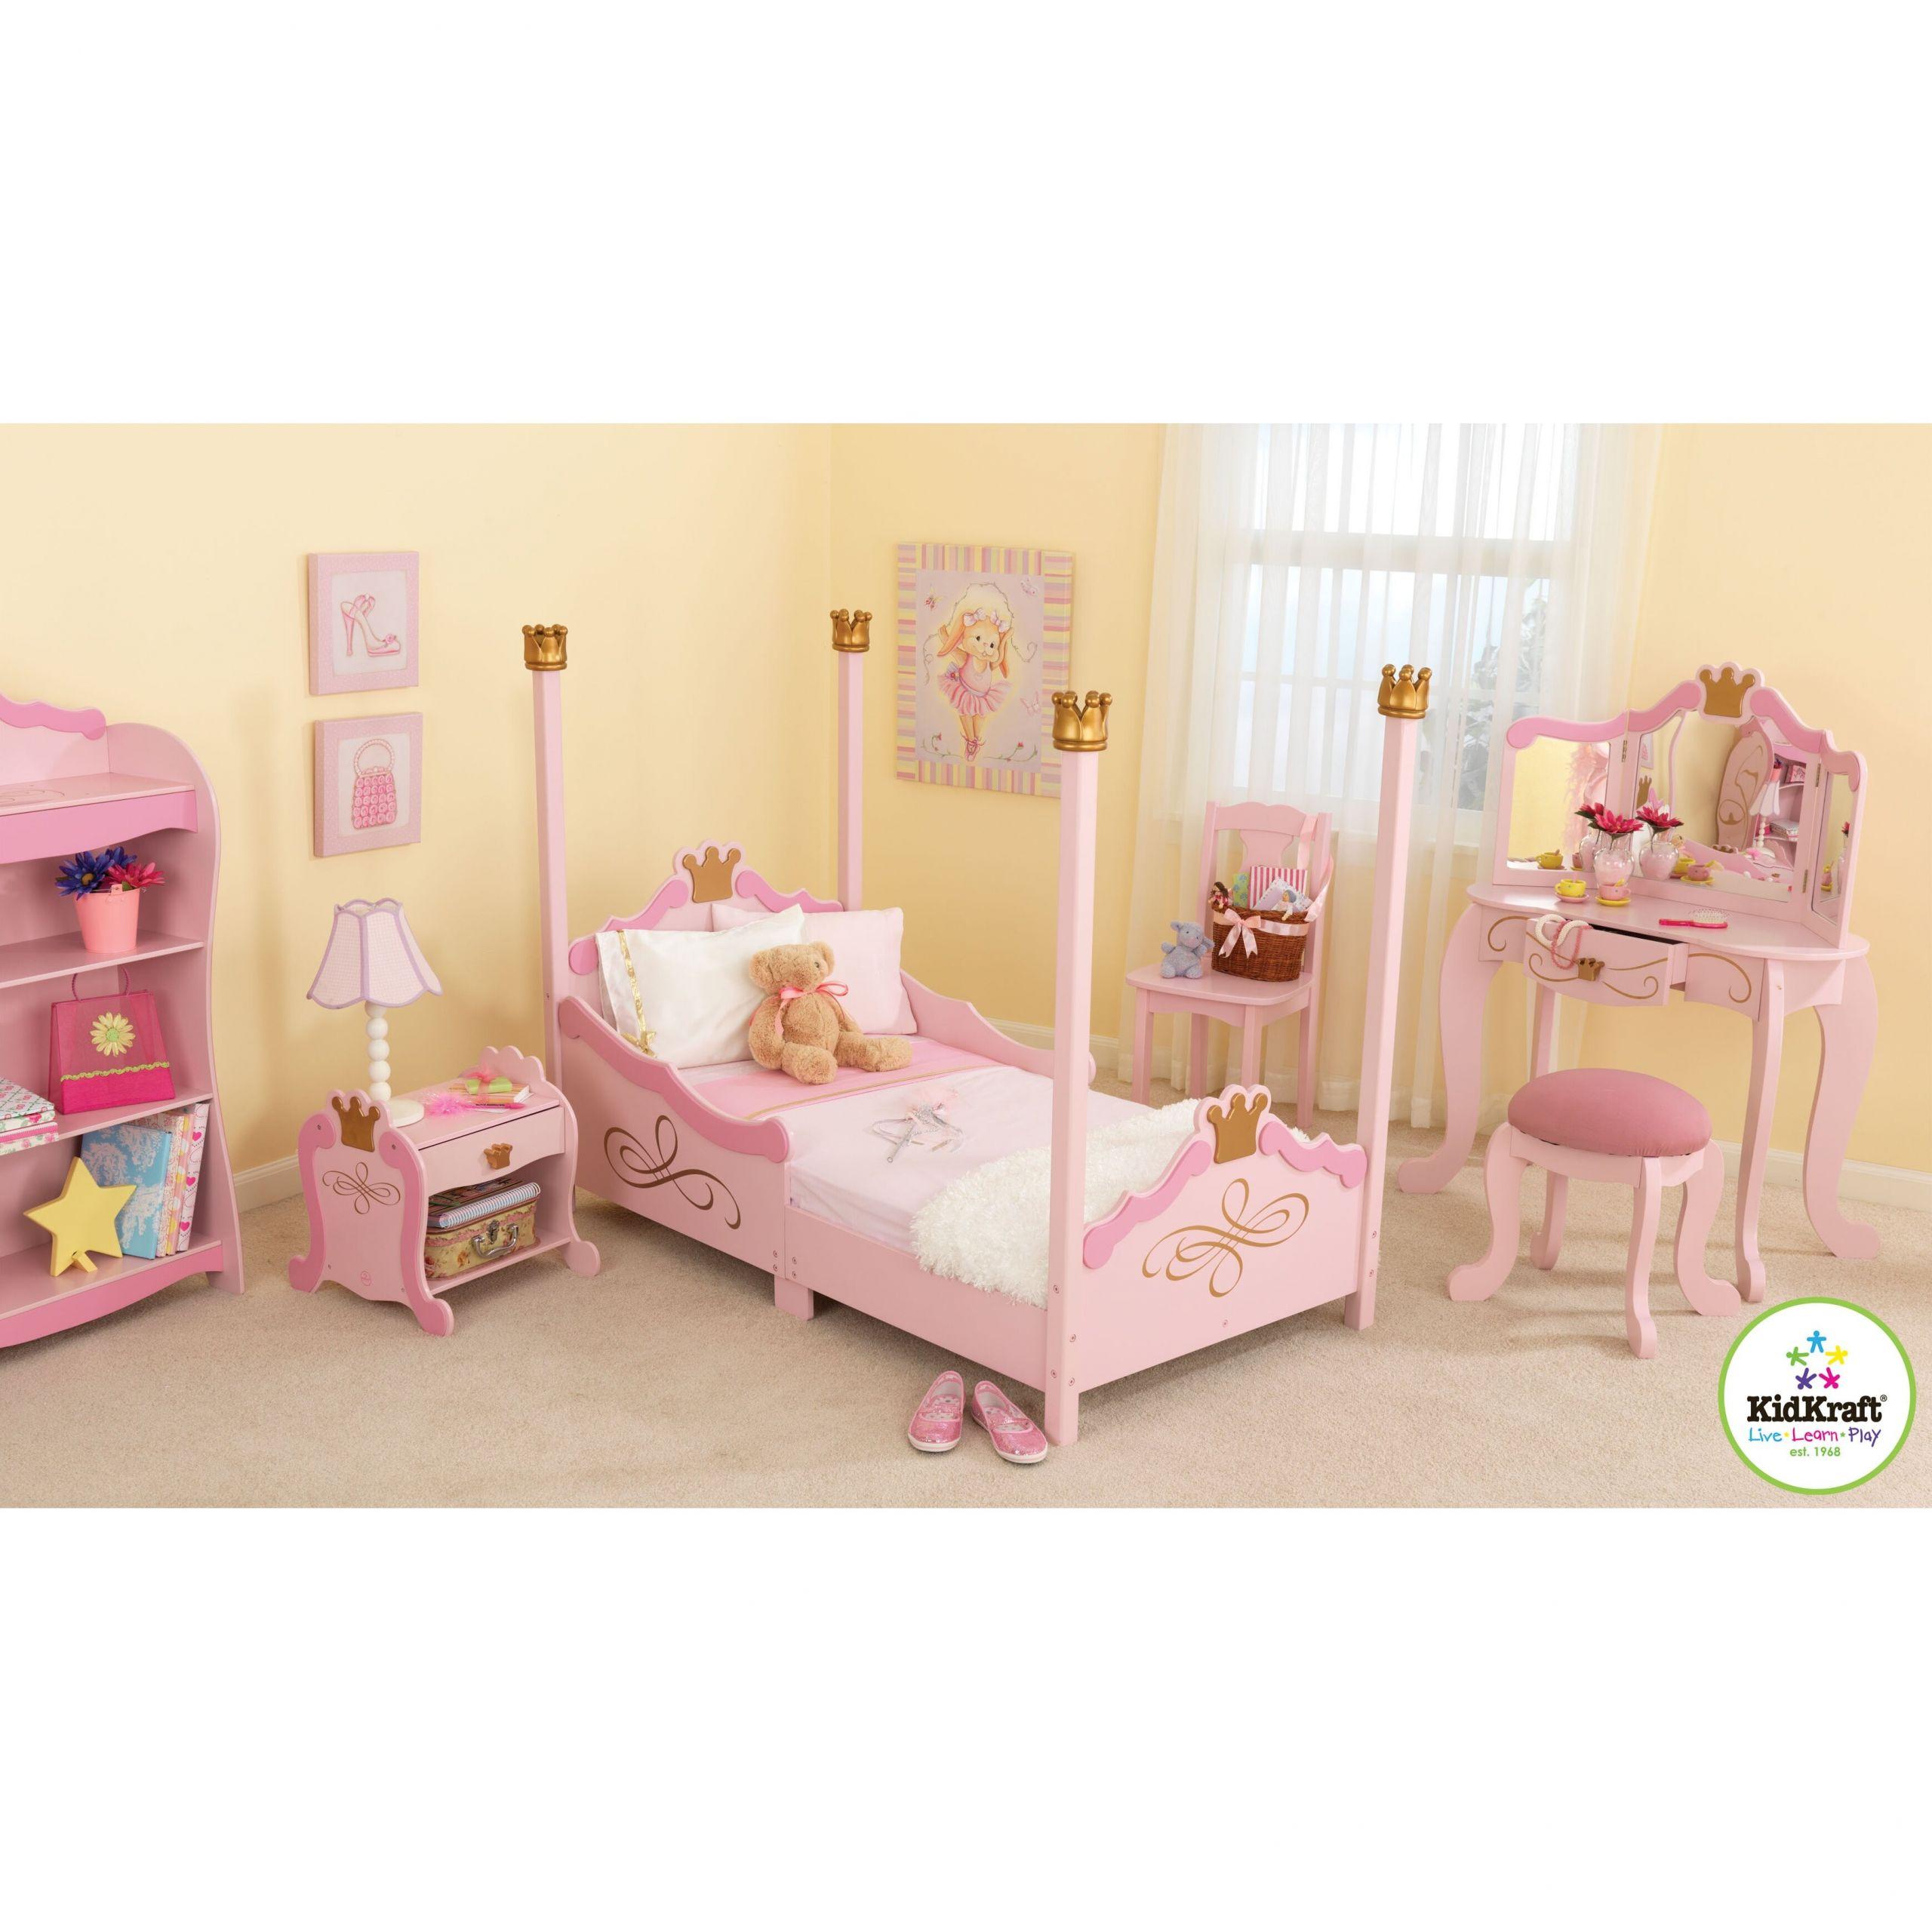 Kids Princess Room  KidKraft Princess Toddler Four Poster Customizable Bedroom